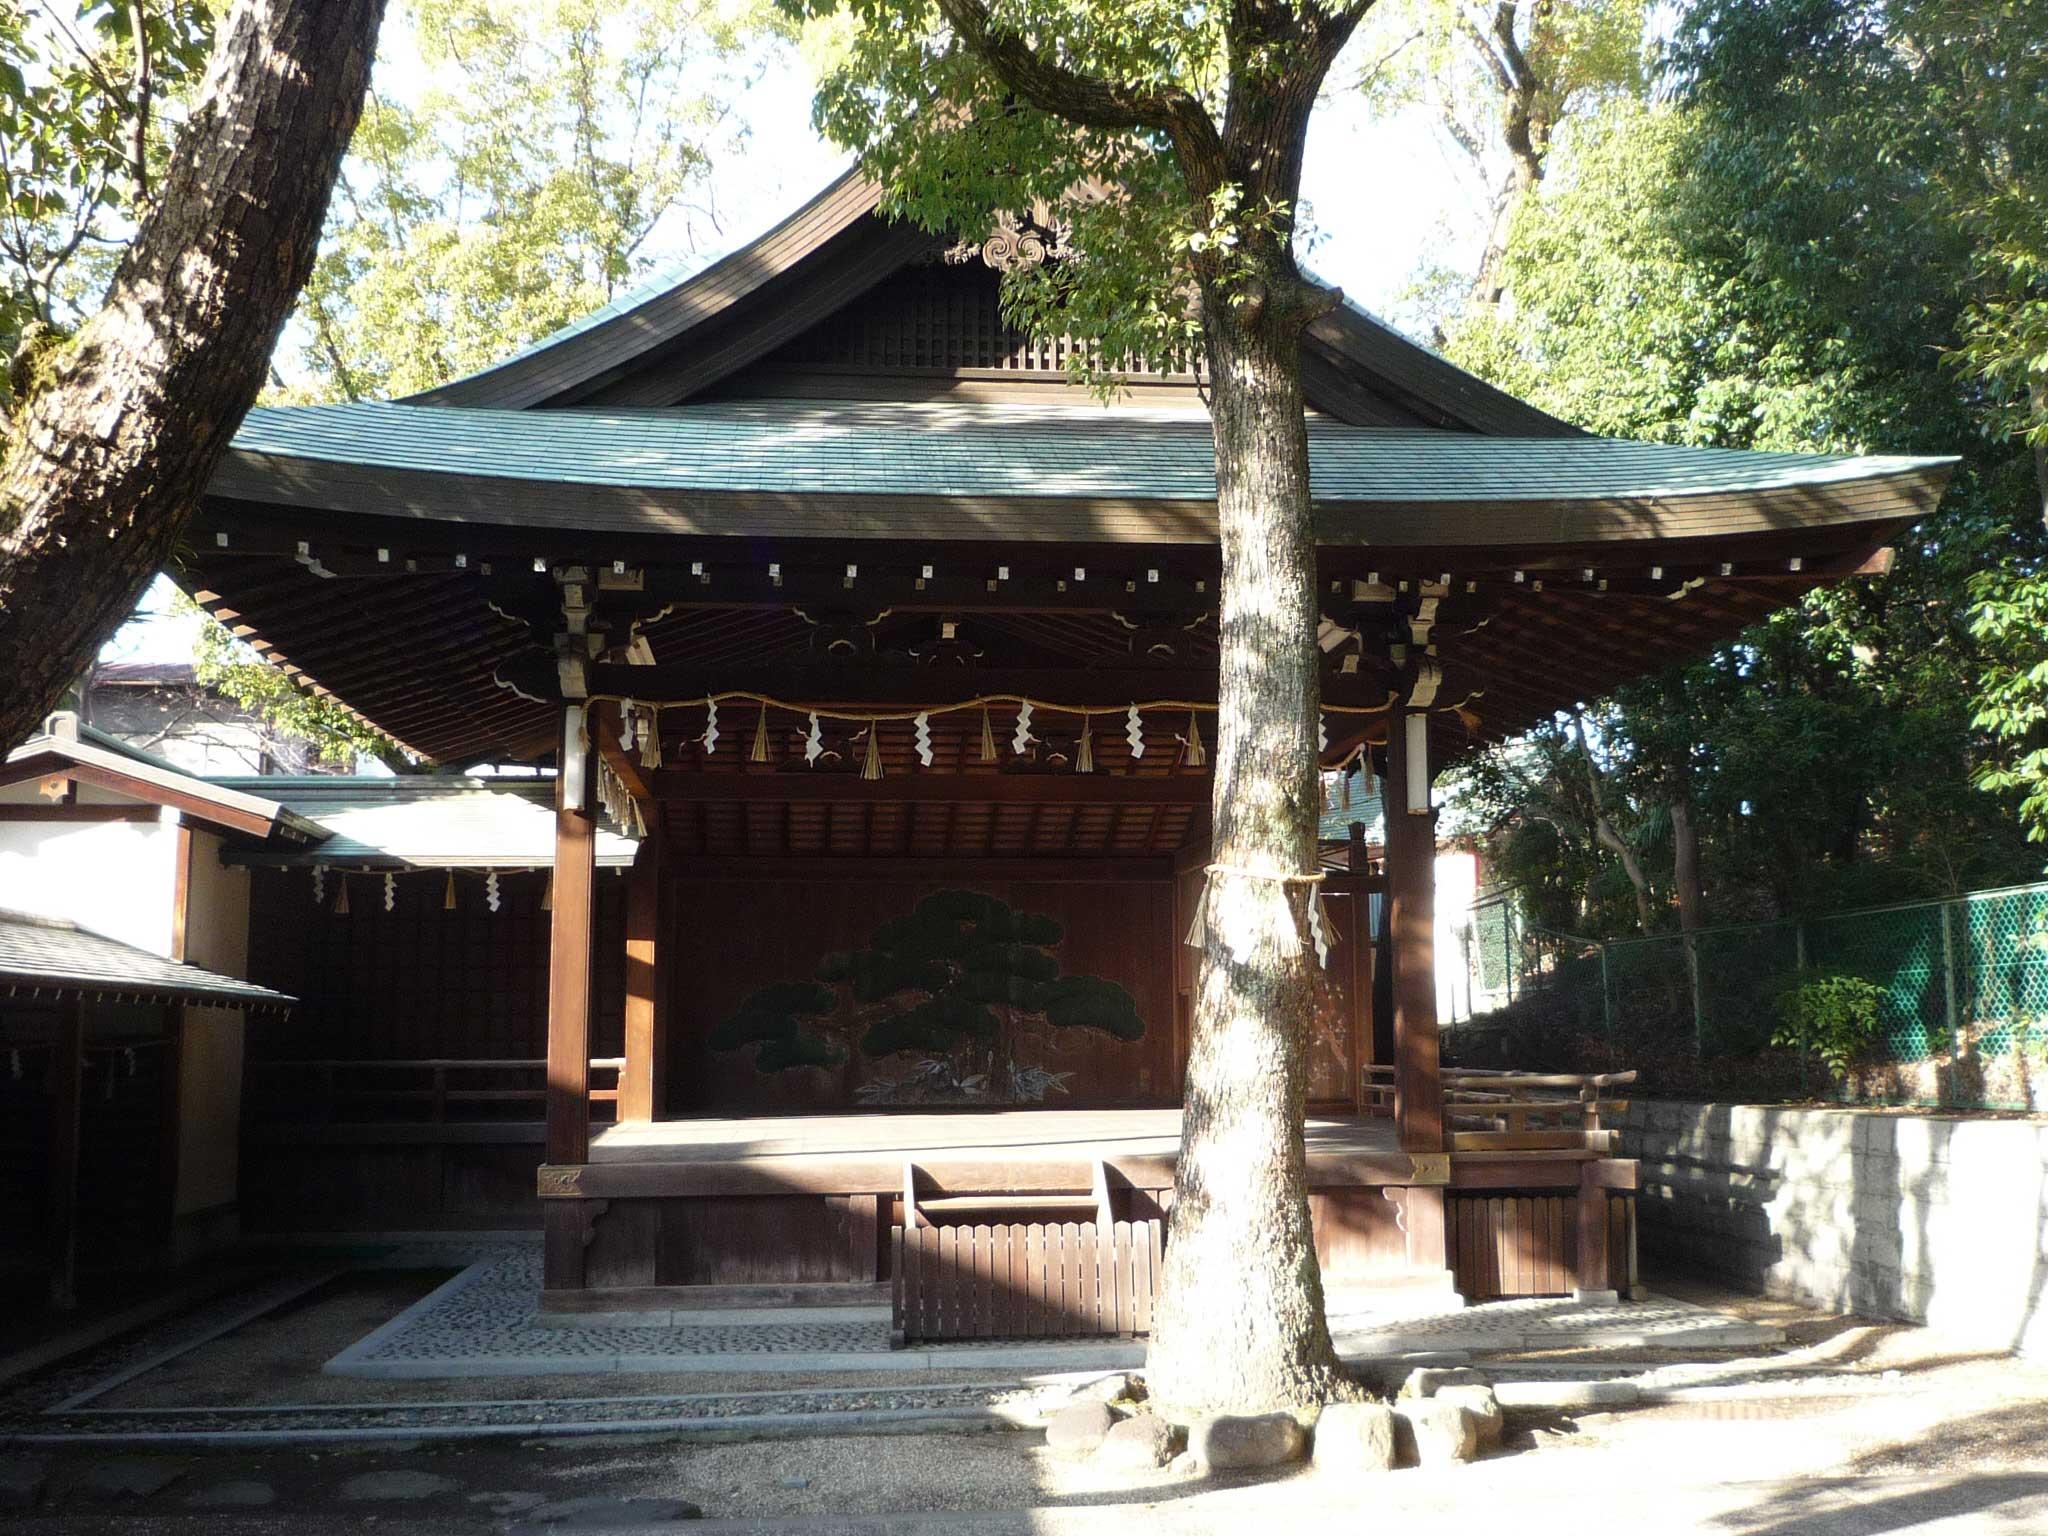 <p>外観(正面)</p>屋根は入母屋造り銅板葺、中央に白州梯子、舞台の左手に橋掛り、右手の地謡座の後方に高欄